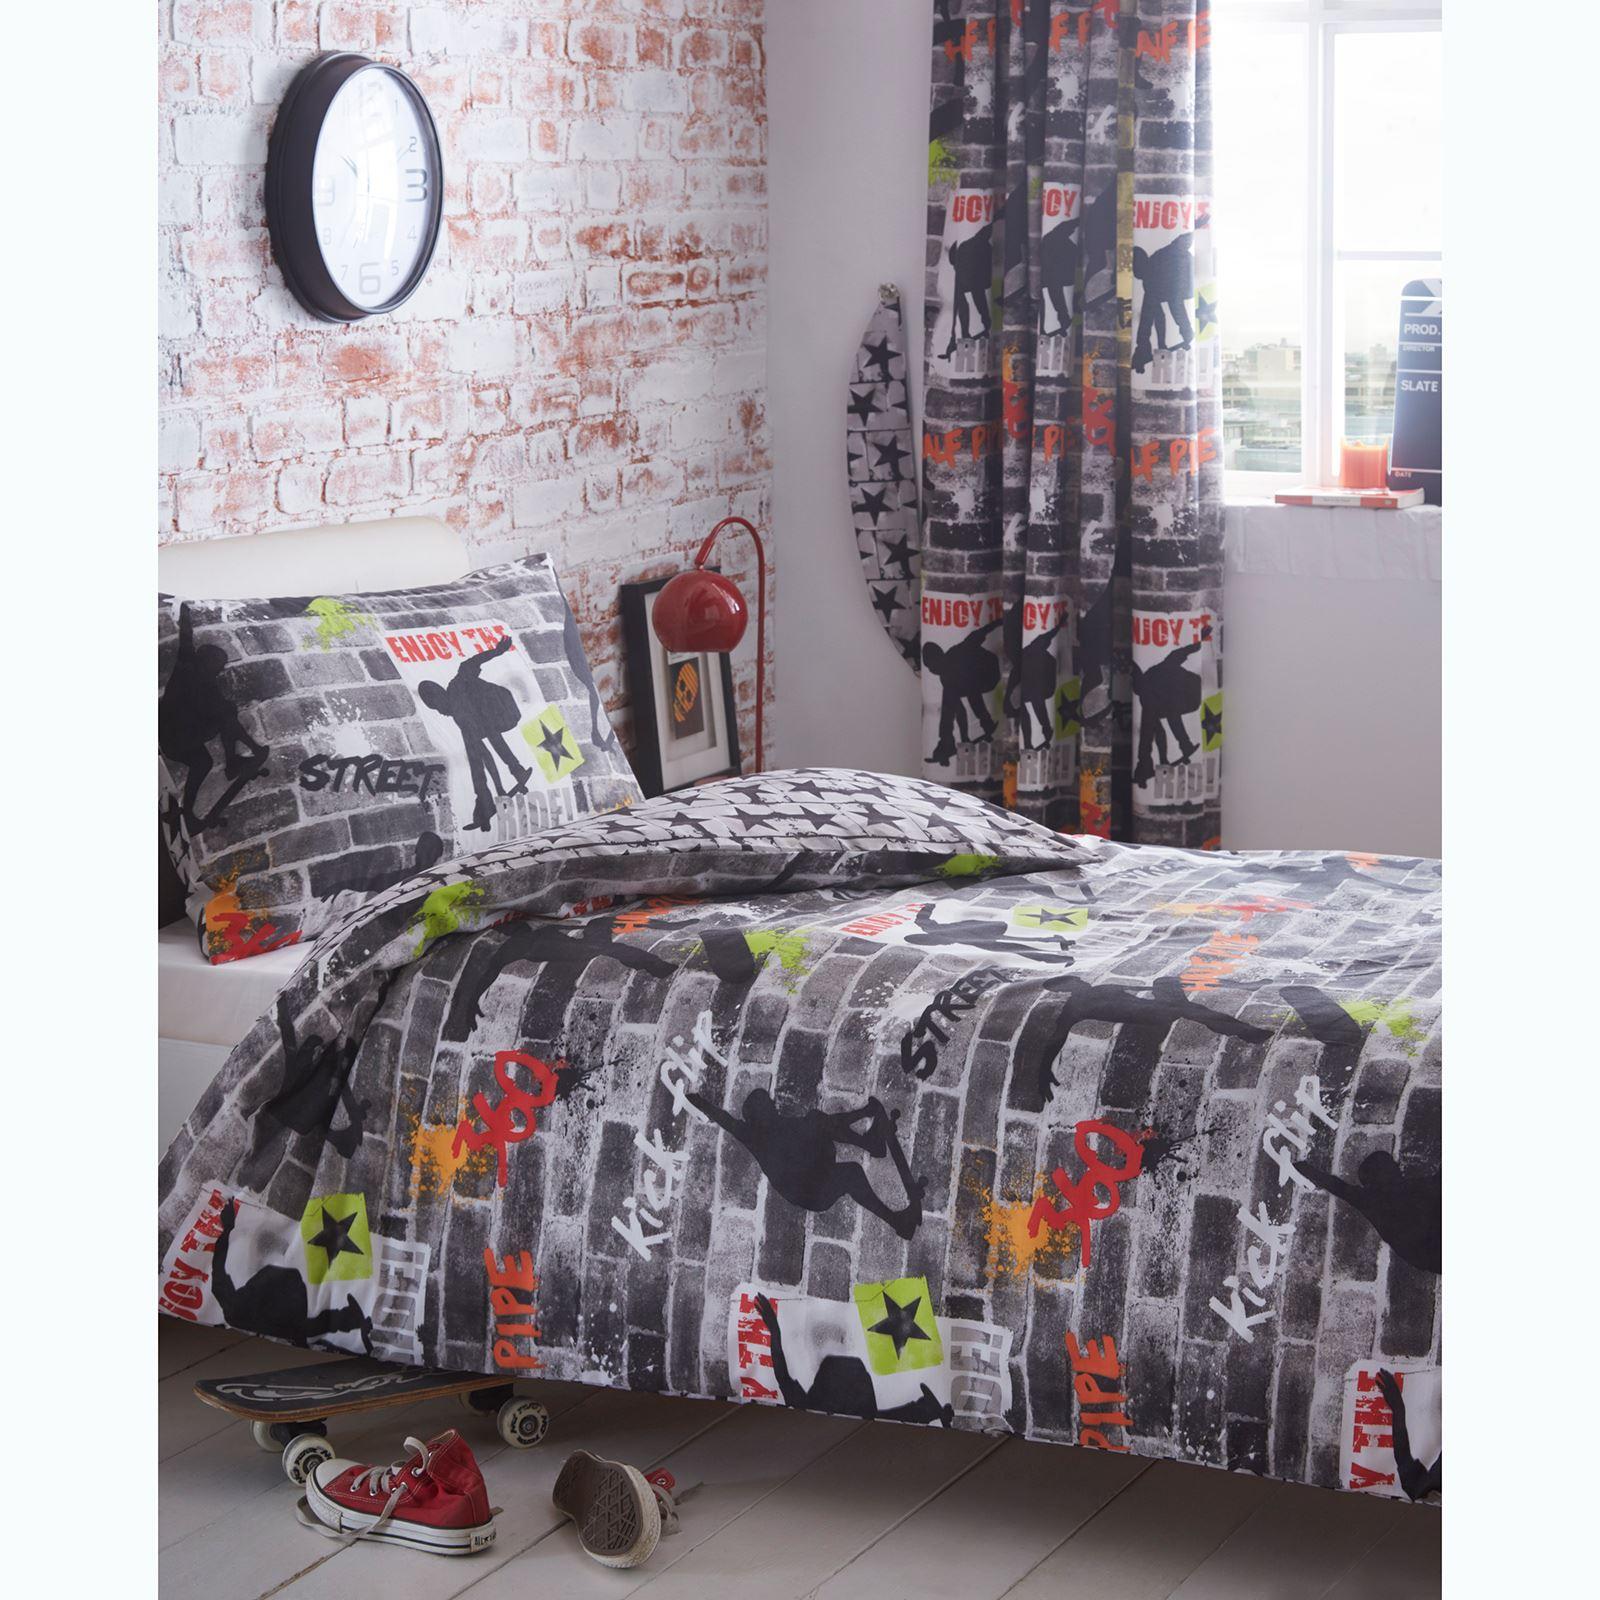 Indexbild 147 - Teenager Bettwäsche Sets - Einzel / Doppelbett Bettwäsche Jungen Musik Graffiti